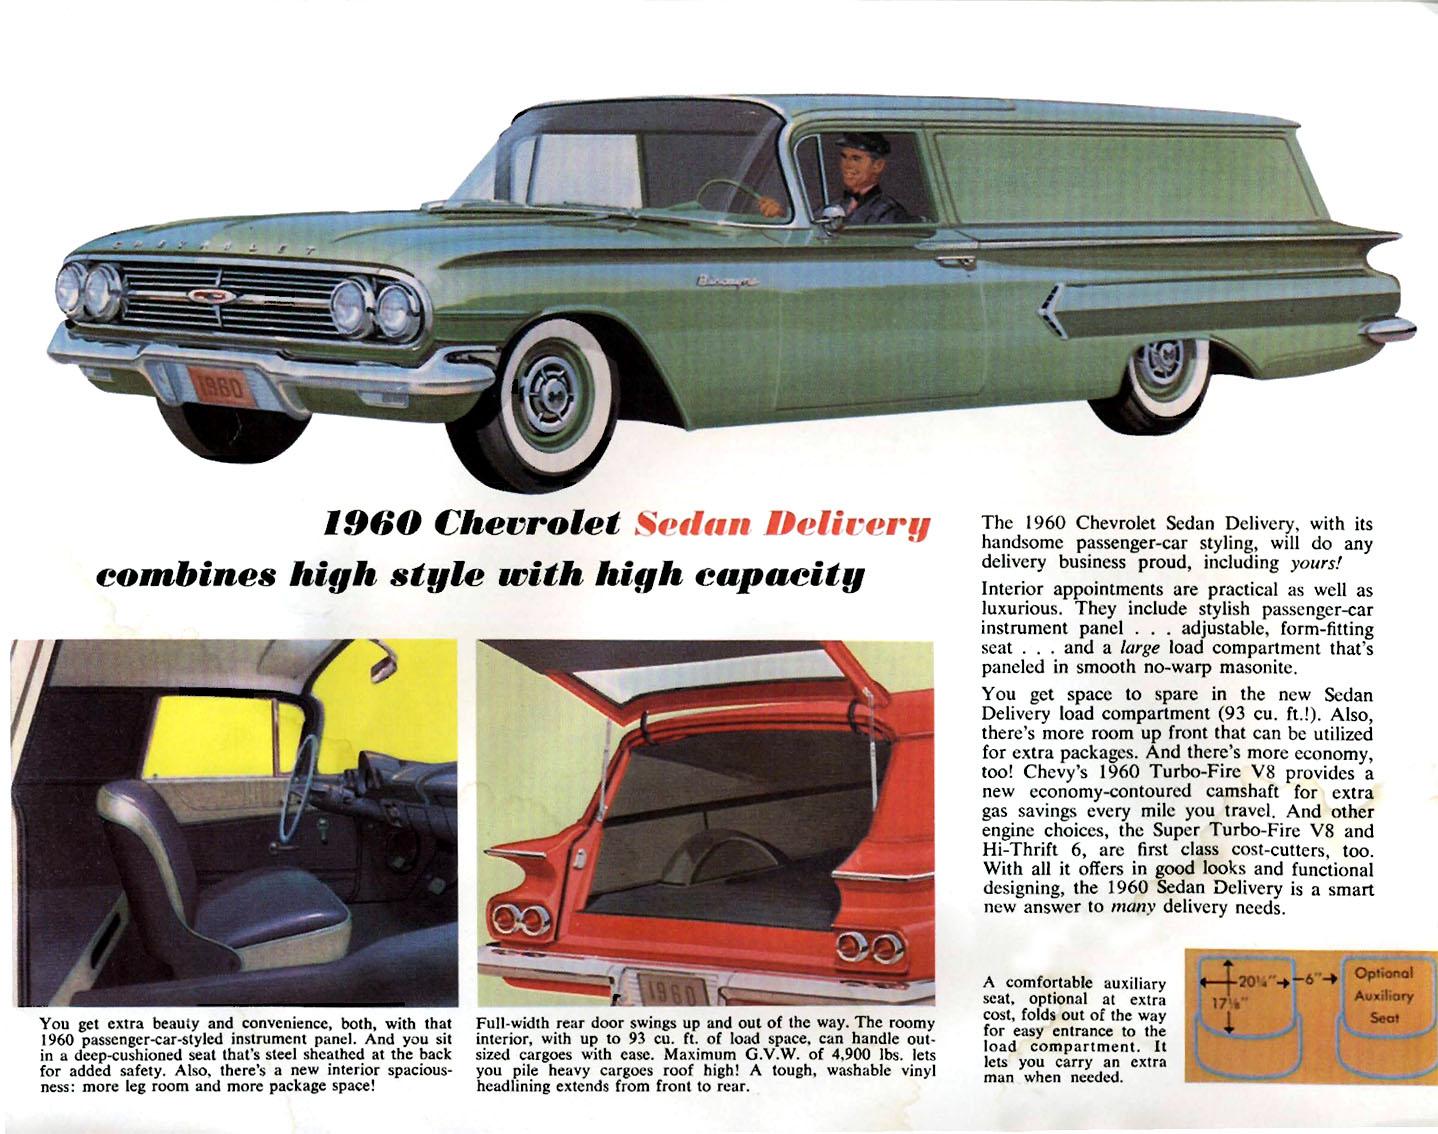 ... Index: Chevrolet_El_Camino-GMC_Caballero/1960_Chevrolet_El